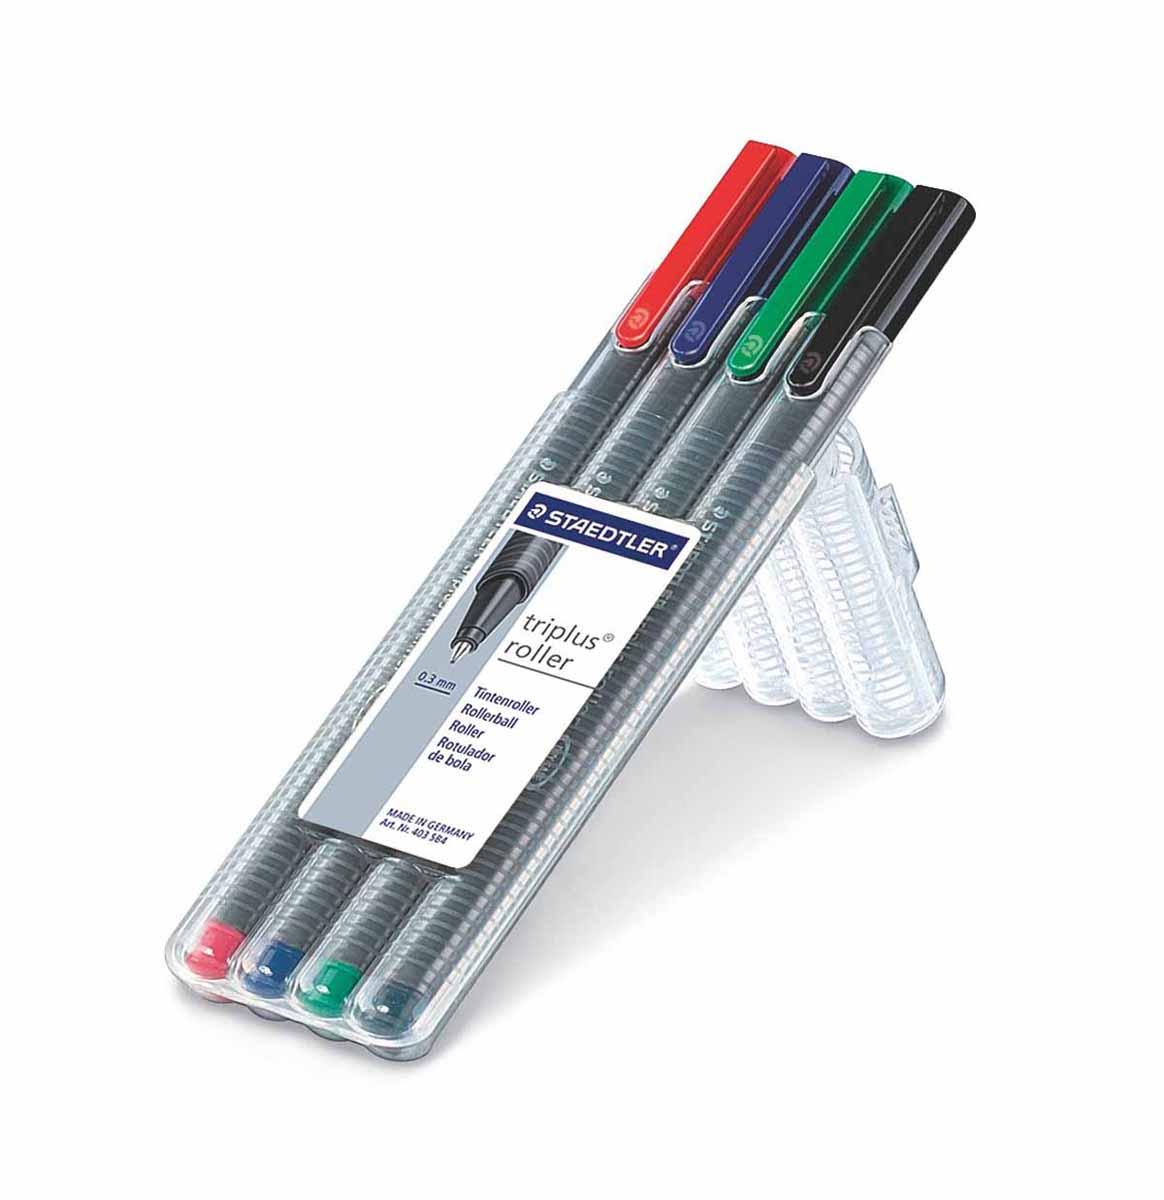 Staedtler Набор ручек-роллеров Triplus 4 цветаPP-001Набор ручек роллеров Staedtler Triplus подходит как для письма, так и для выполнения части графических работ.Особая конструкция пишущего узла обеспечивает сверхмягкое письмо. Ручки защищены от высыхания, могут находитьсСодержит 4 цвета в ассортименте. Толщина лбез колпачка несколько дней. Толщина линии 0,4мм.